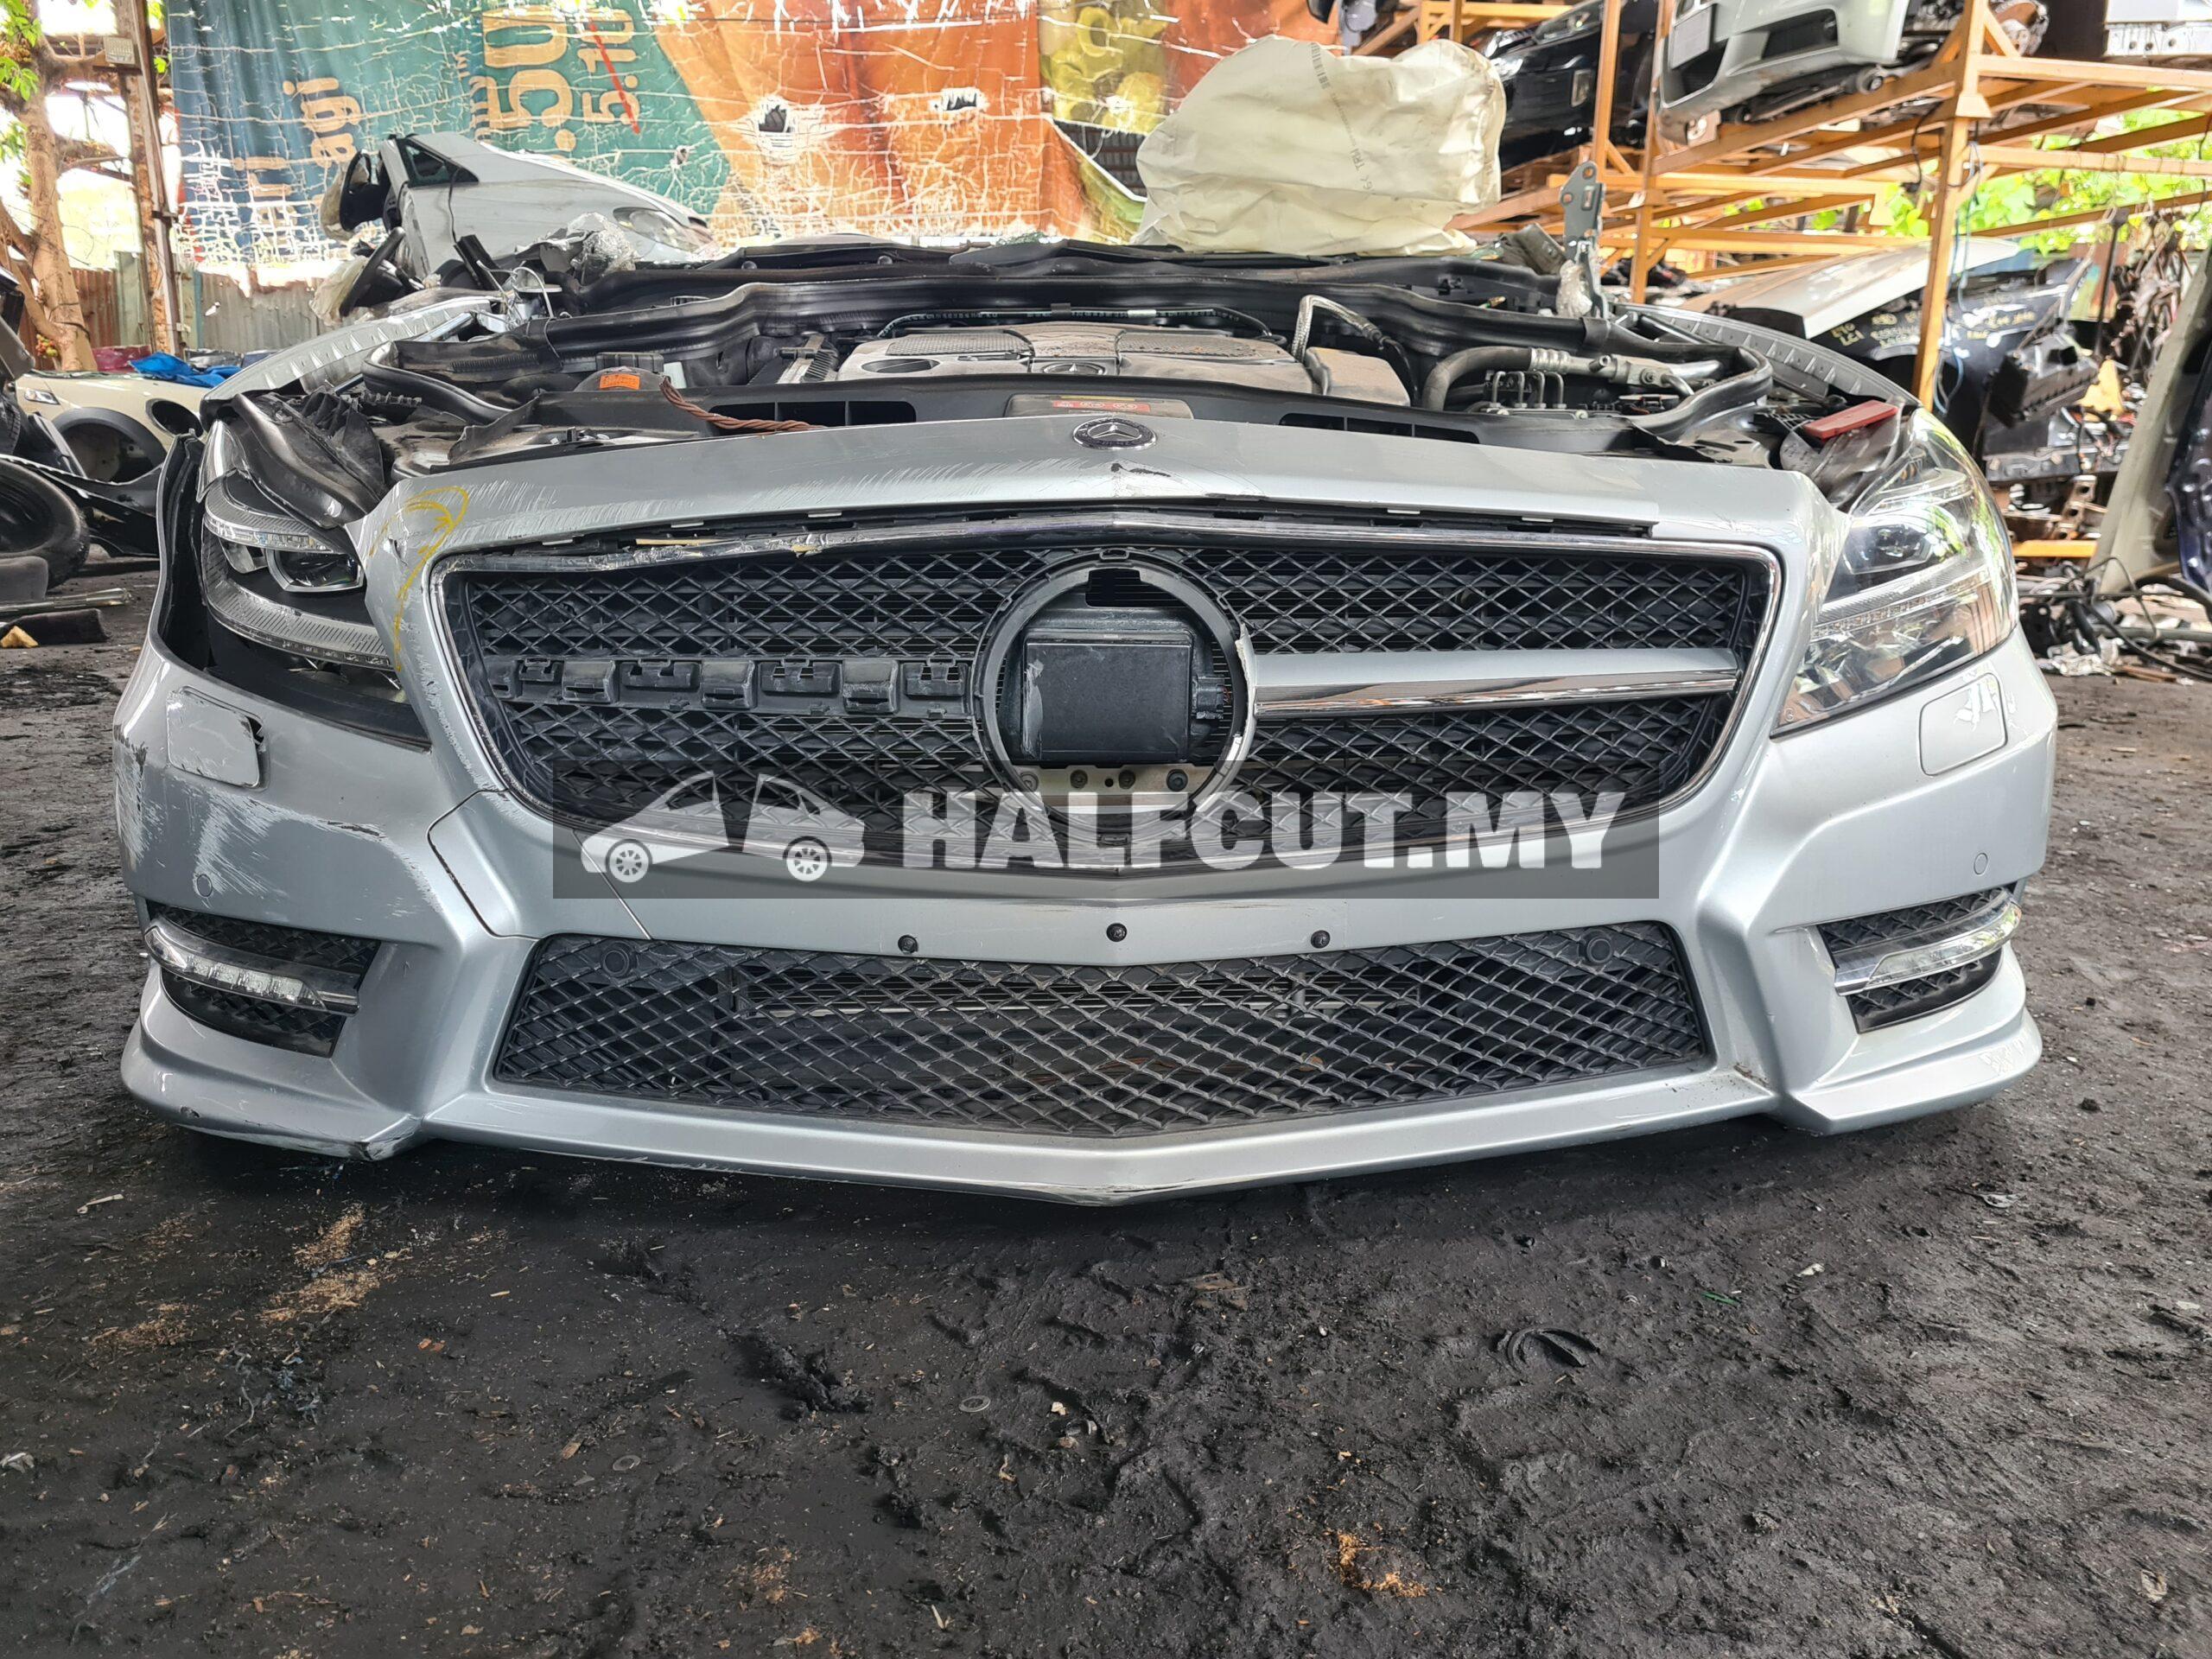 Benz CLS w218 halfcut CKD